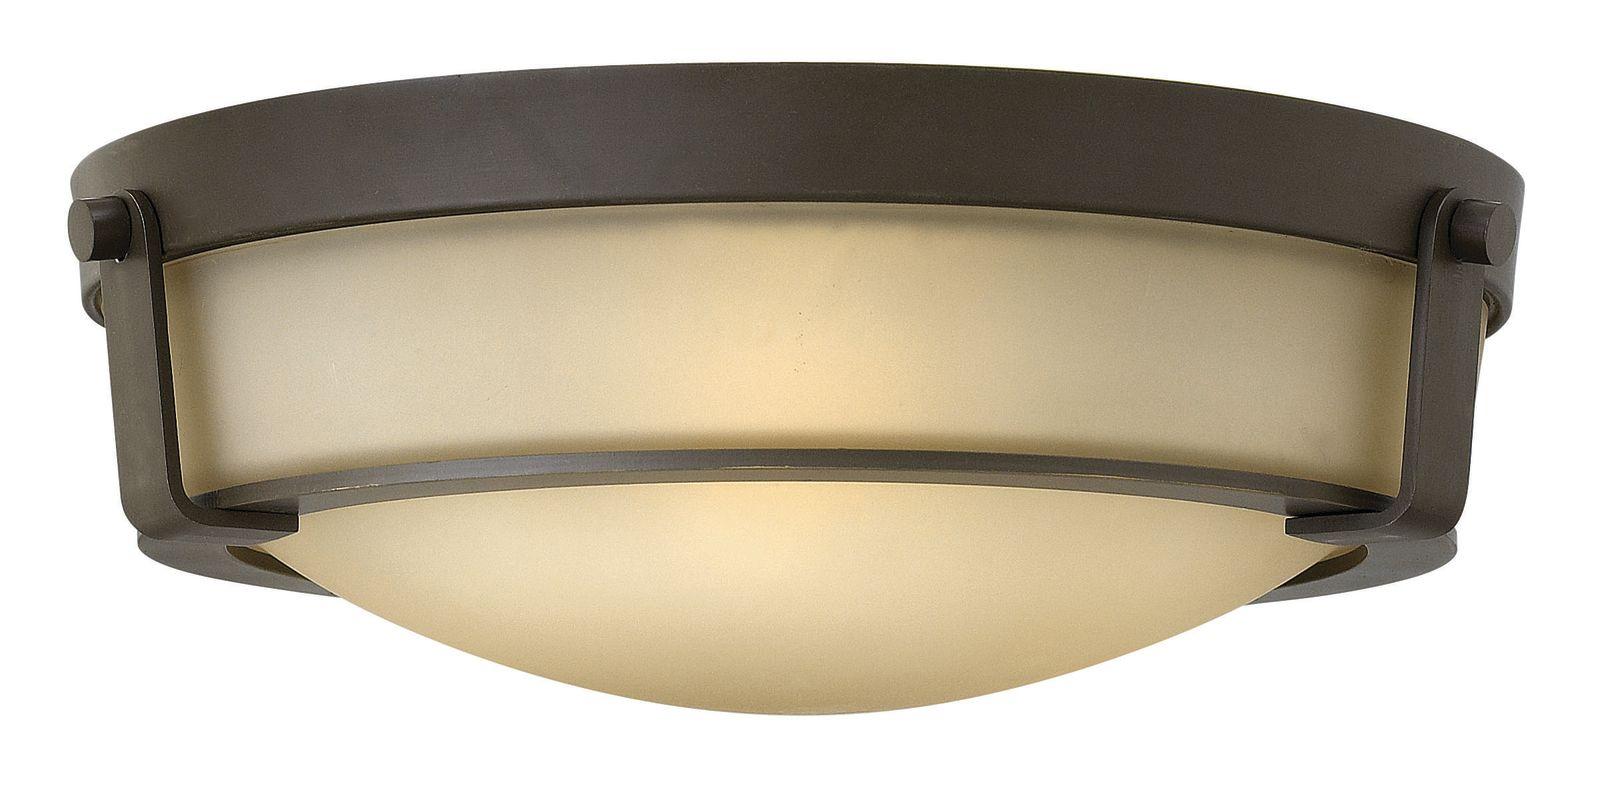 Hinkley Lighting 3225 3 Light Flush Mount Ceiling Fixture from the Sale $279.00 ITEM#: 2493709 MODEL# :3225OB UPC#: 640665322507 :